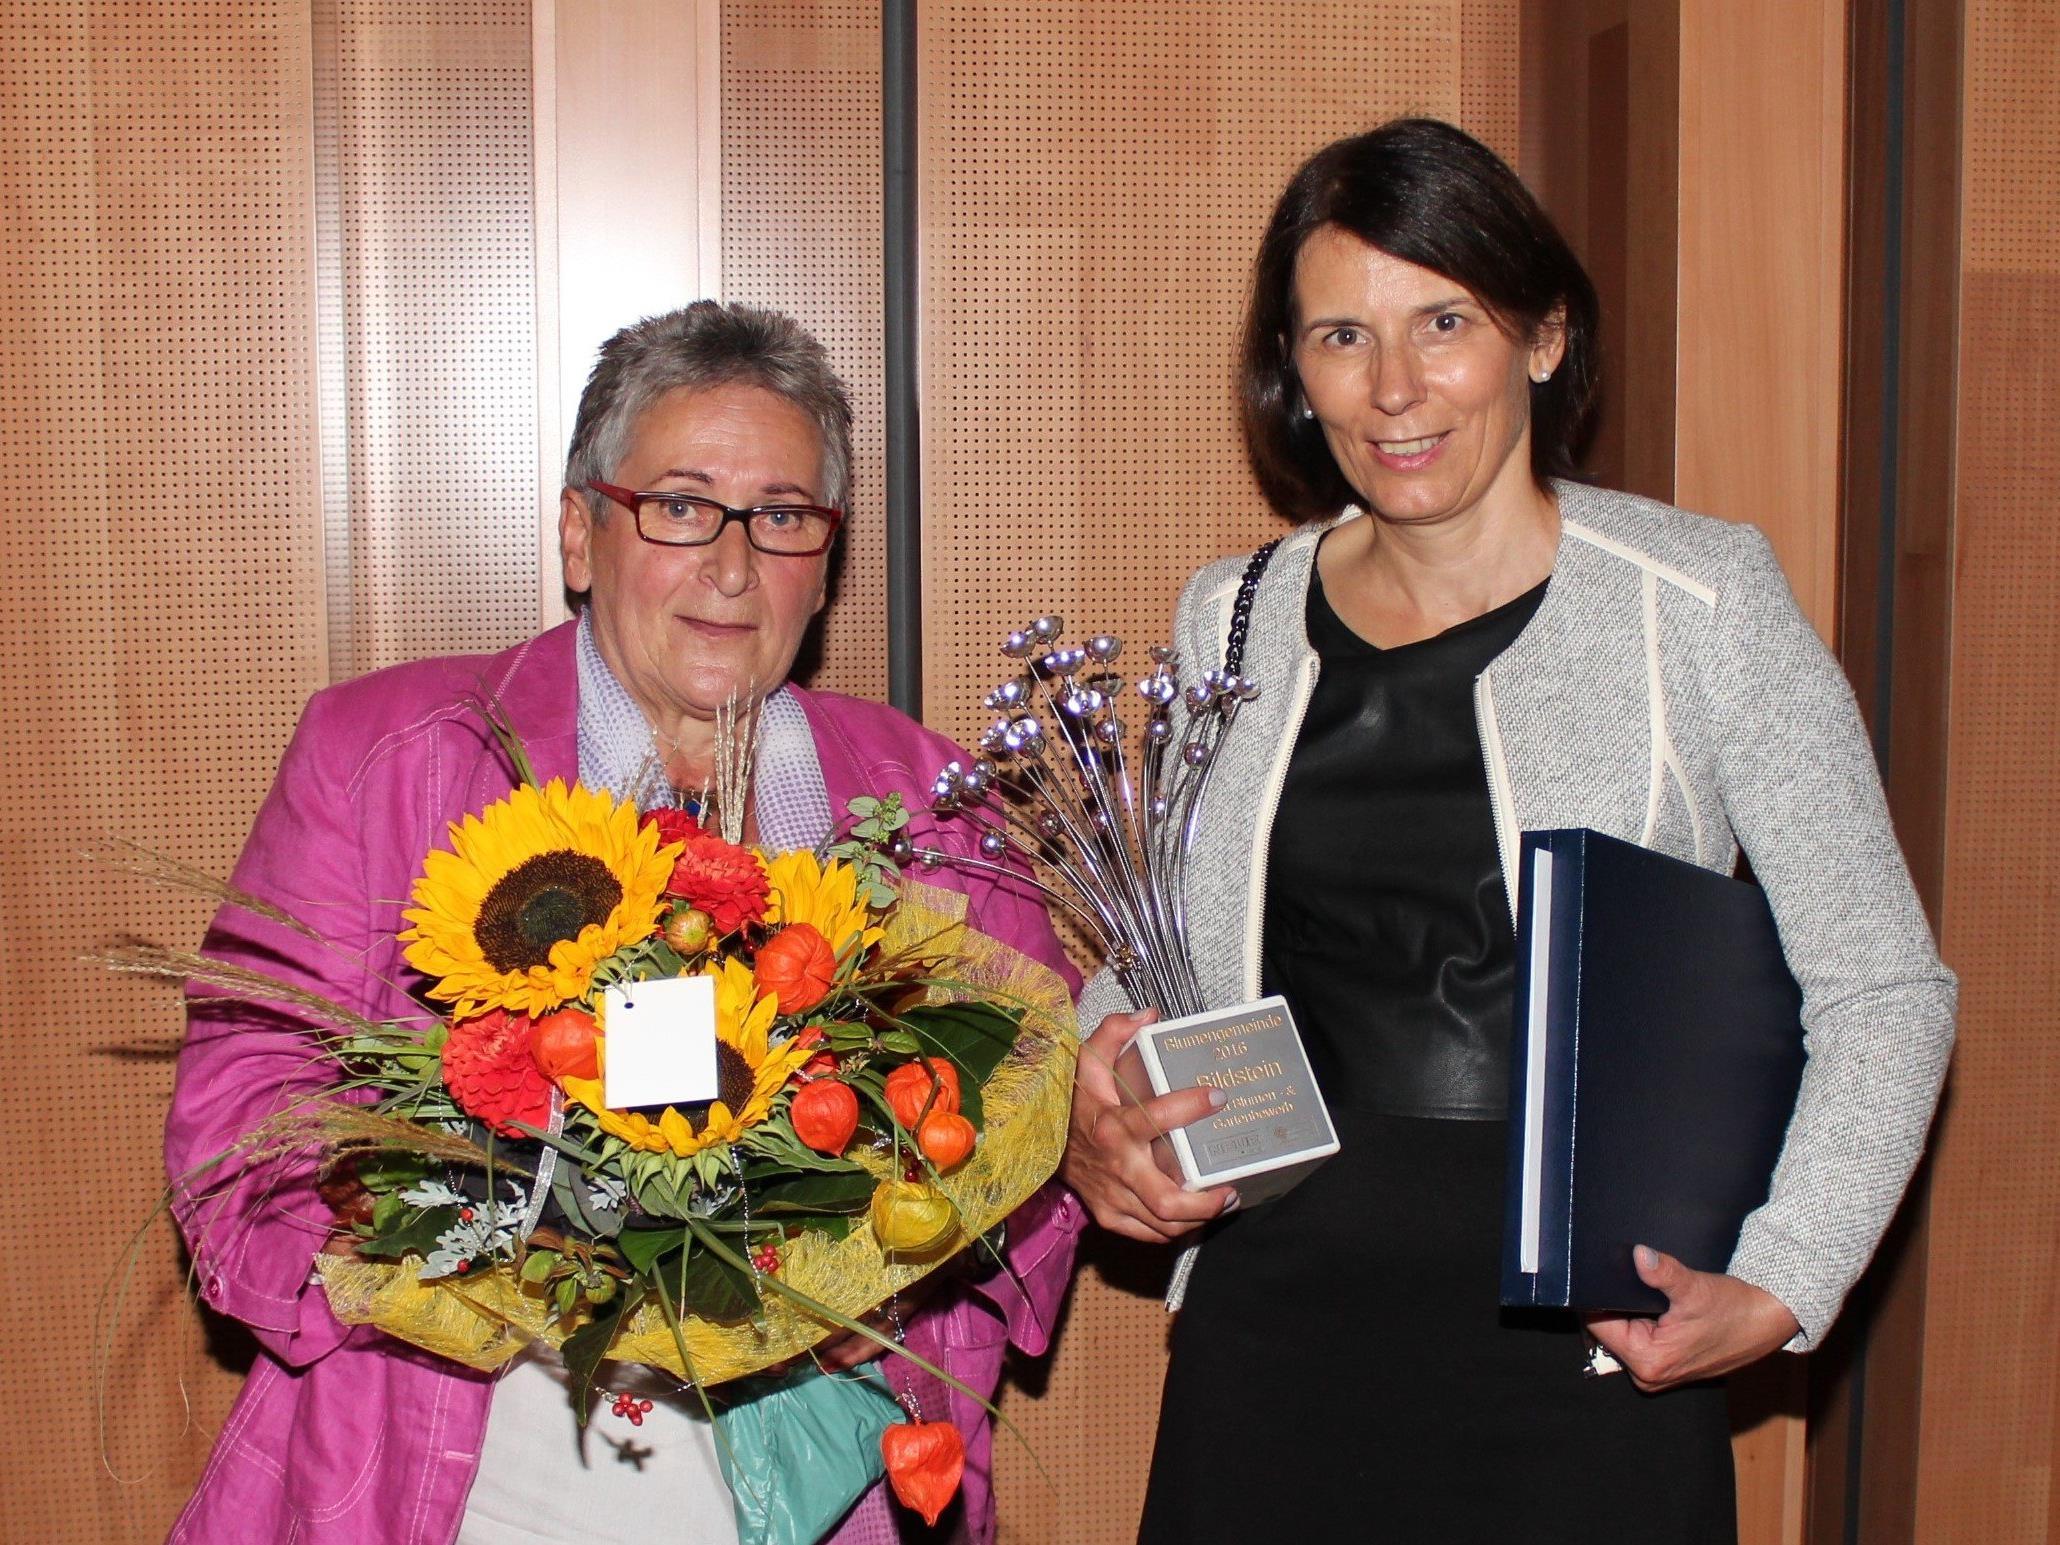 Elfriede Maurer und Bgm. Judith Schilling-Grabher freuen sich über die Auszeichnung.